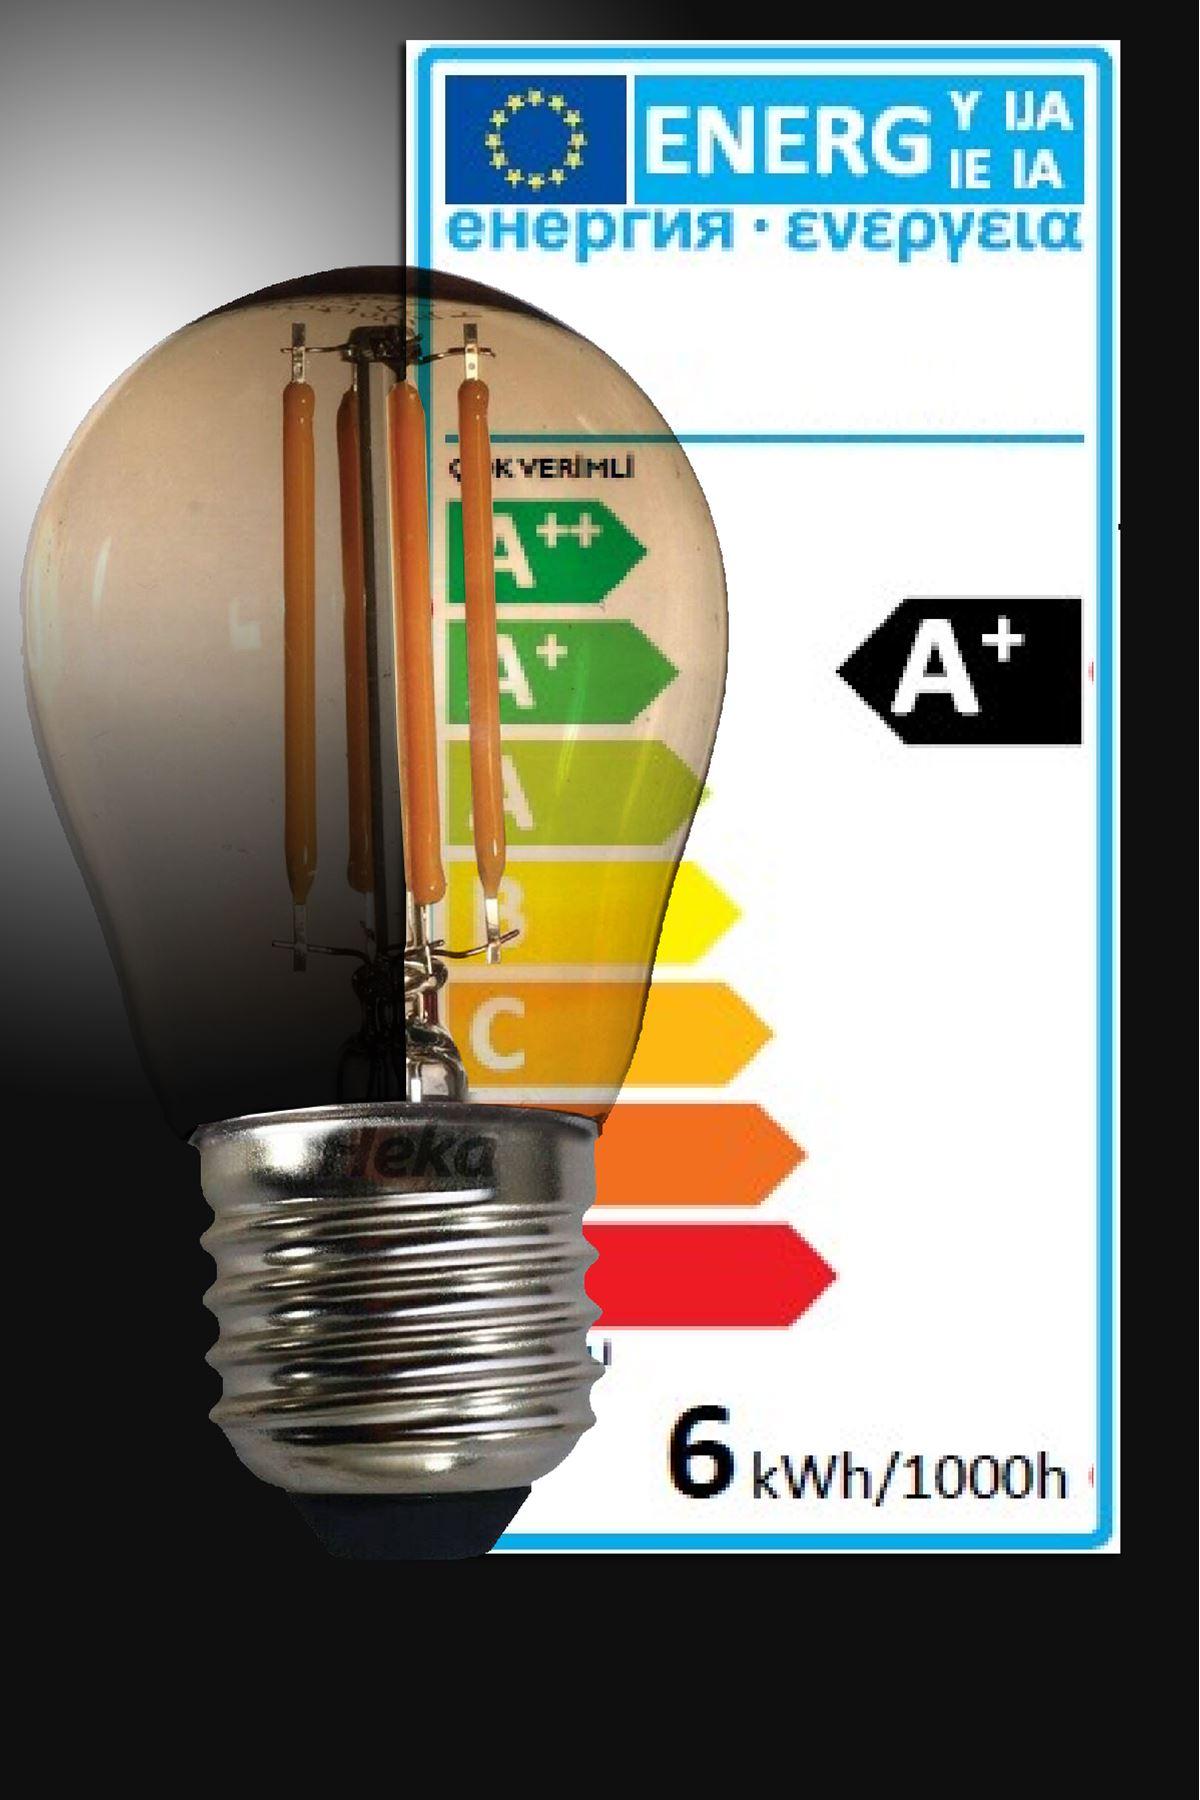 Luzarana  E27 G45  6 Watt (530 lümen) Gün Işığı Amber camlı Rustik LED Top Ampül (Heka)